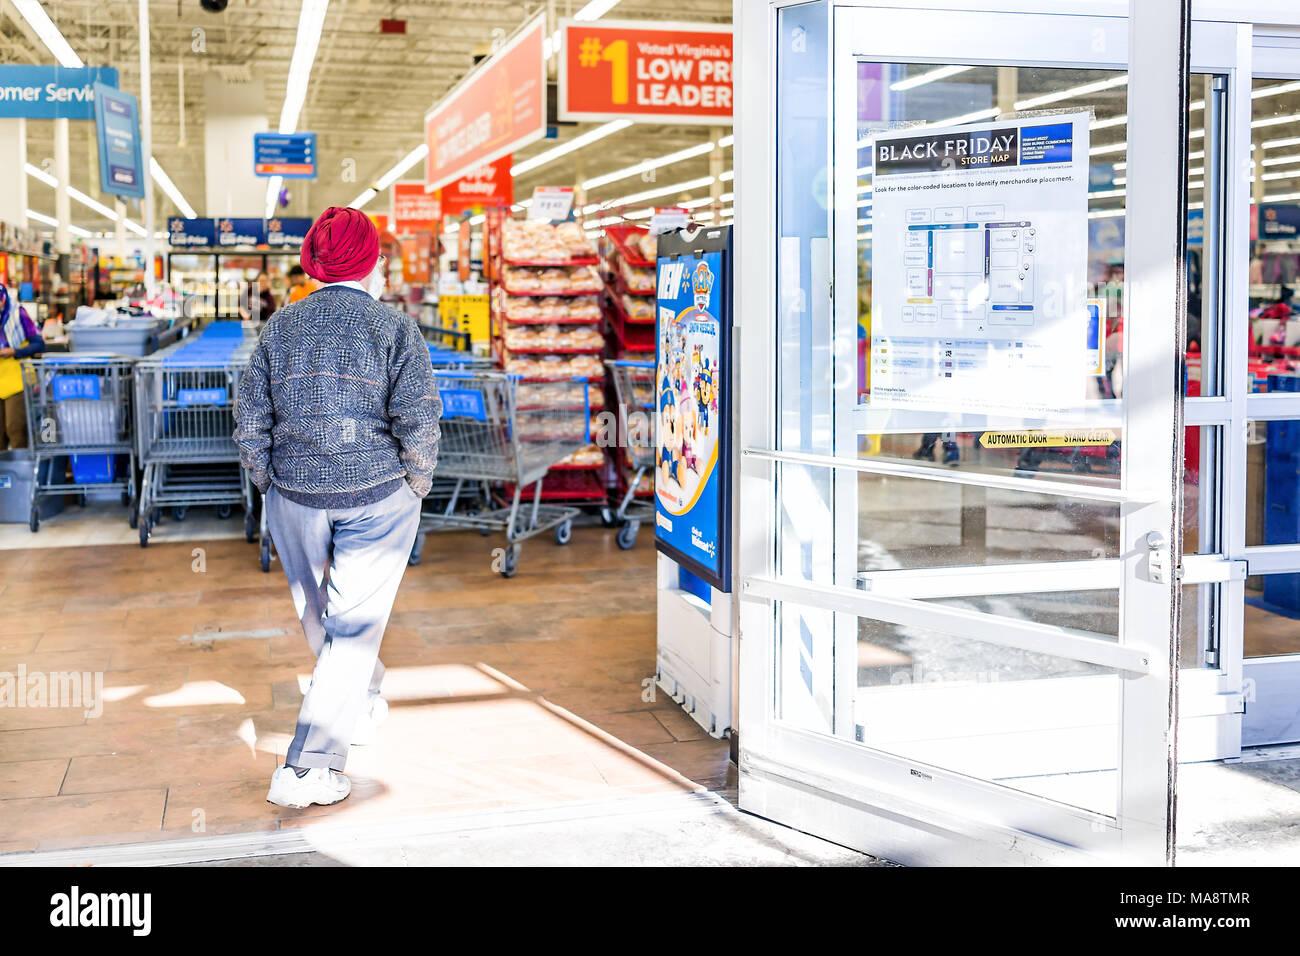 Burke, Stati Uniti d'America - 24 Novembre 2017: Venerdì nero accedi Walmart store ingresso con mappa dopo la festa del Ringraziamento shopping consumismo in Virginia con la religione sikh uomo Immagini Stock